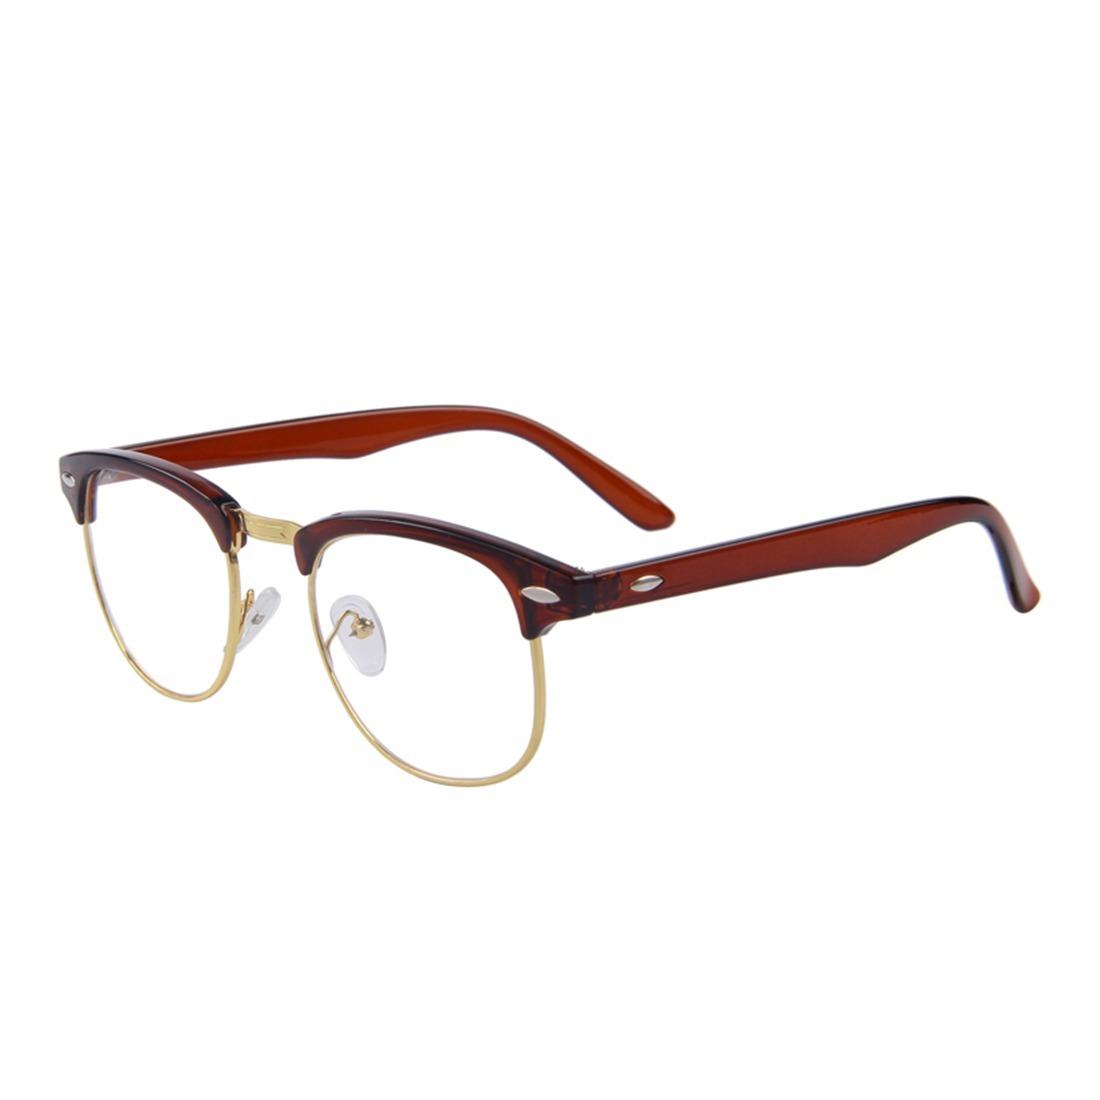 0c9f53df4 armação de óculos clubmaster estilo rayban marrom. Carregando zoom.